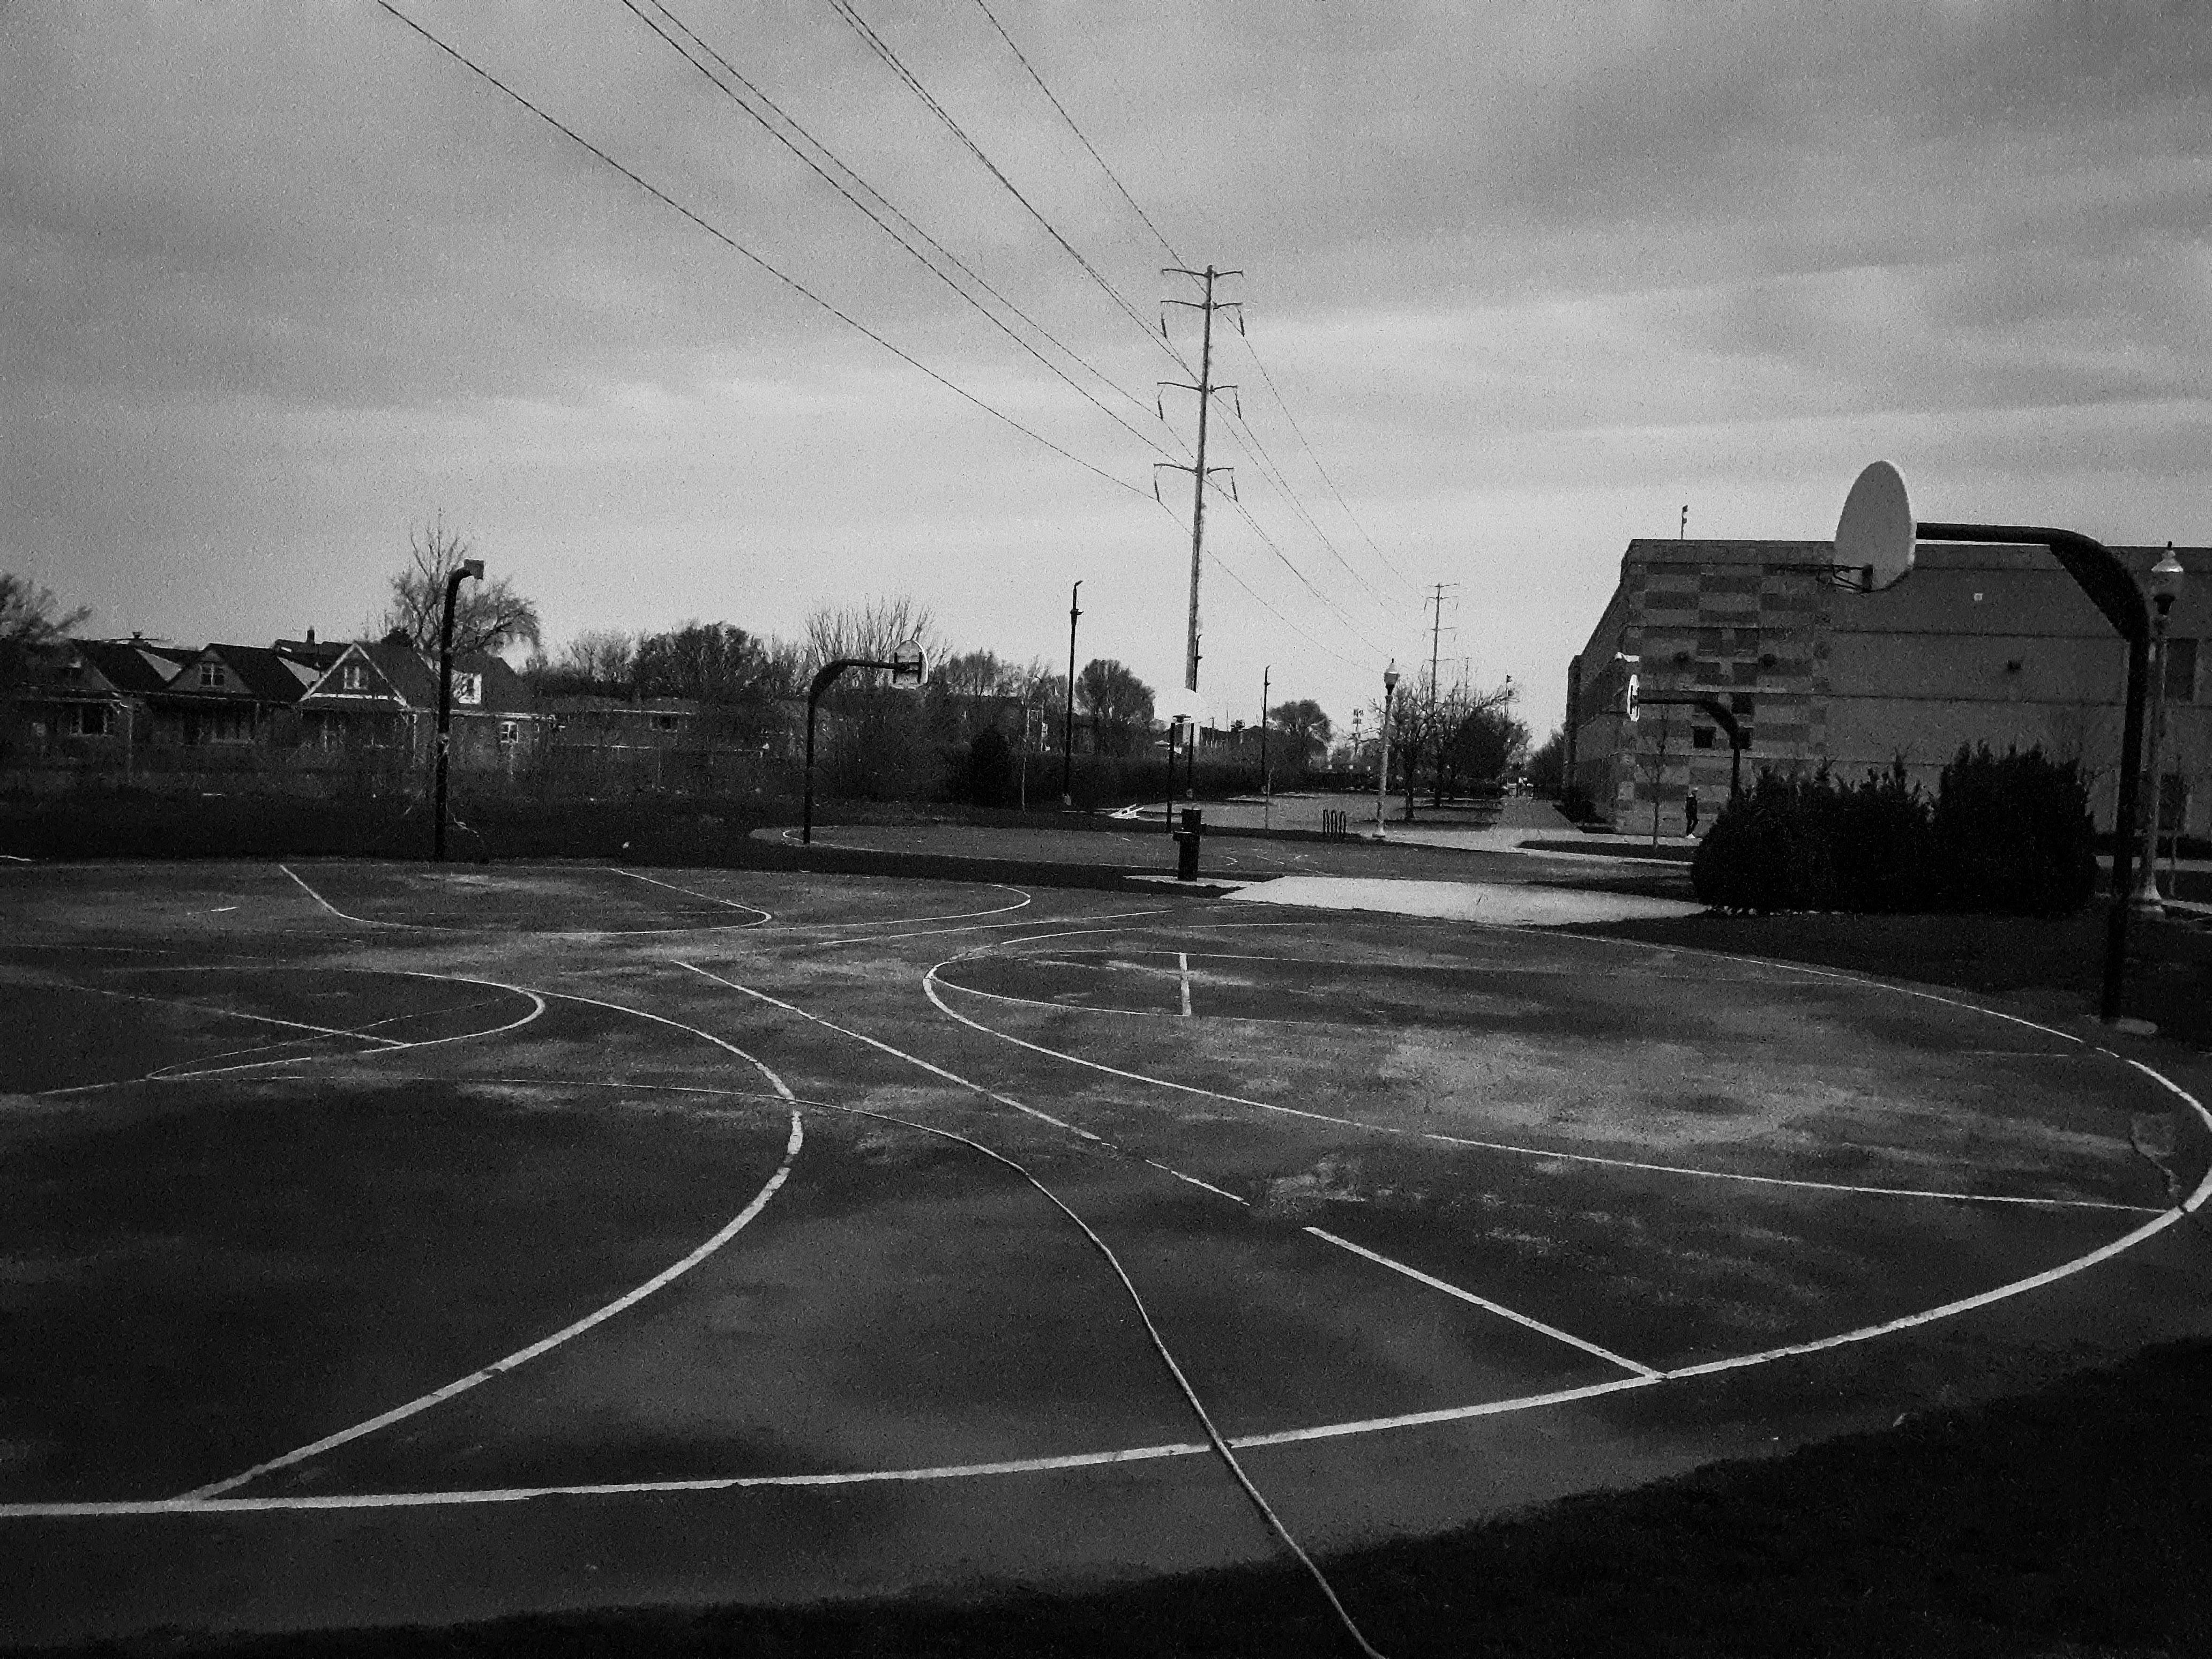 Park Trip by Catherine Arroyo, 2020.